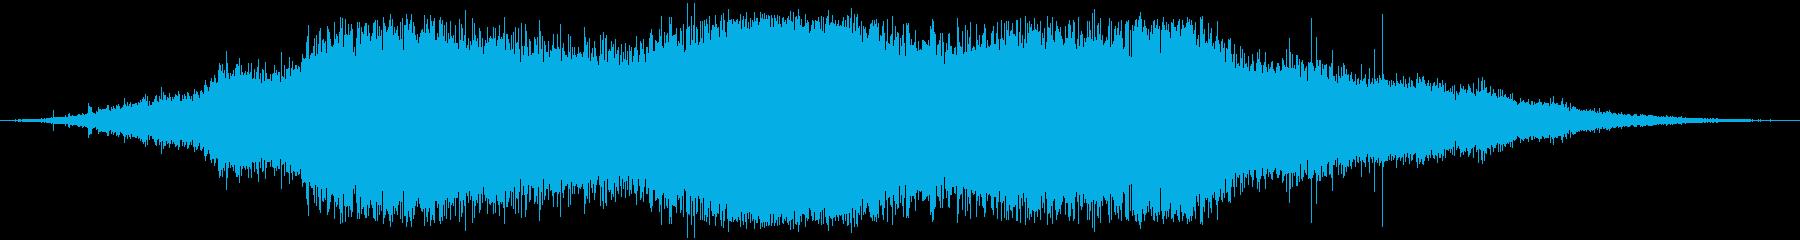 植生 木の葉ラッスルヘビー01の再生済みの波形